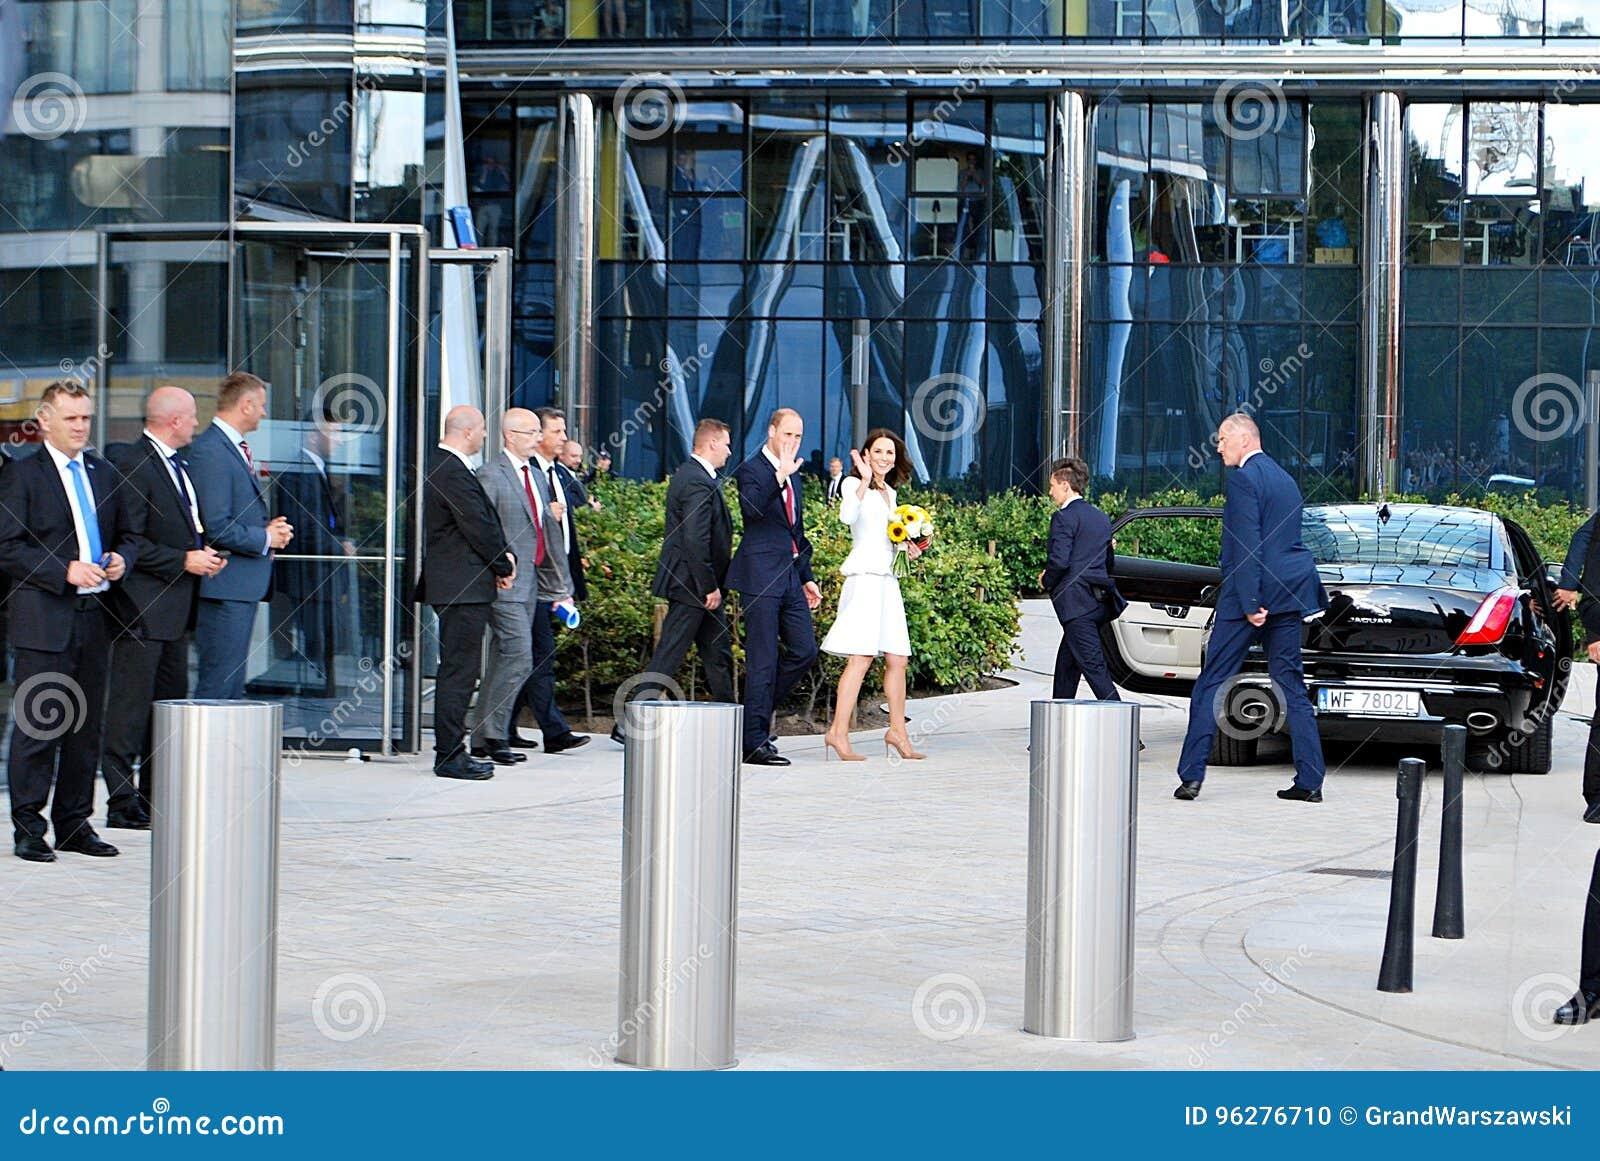 Książe William i Kate Middleton powitanie tłoczymy się w Warszawa